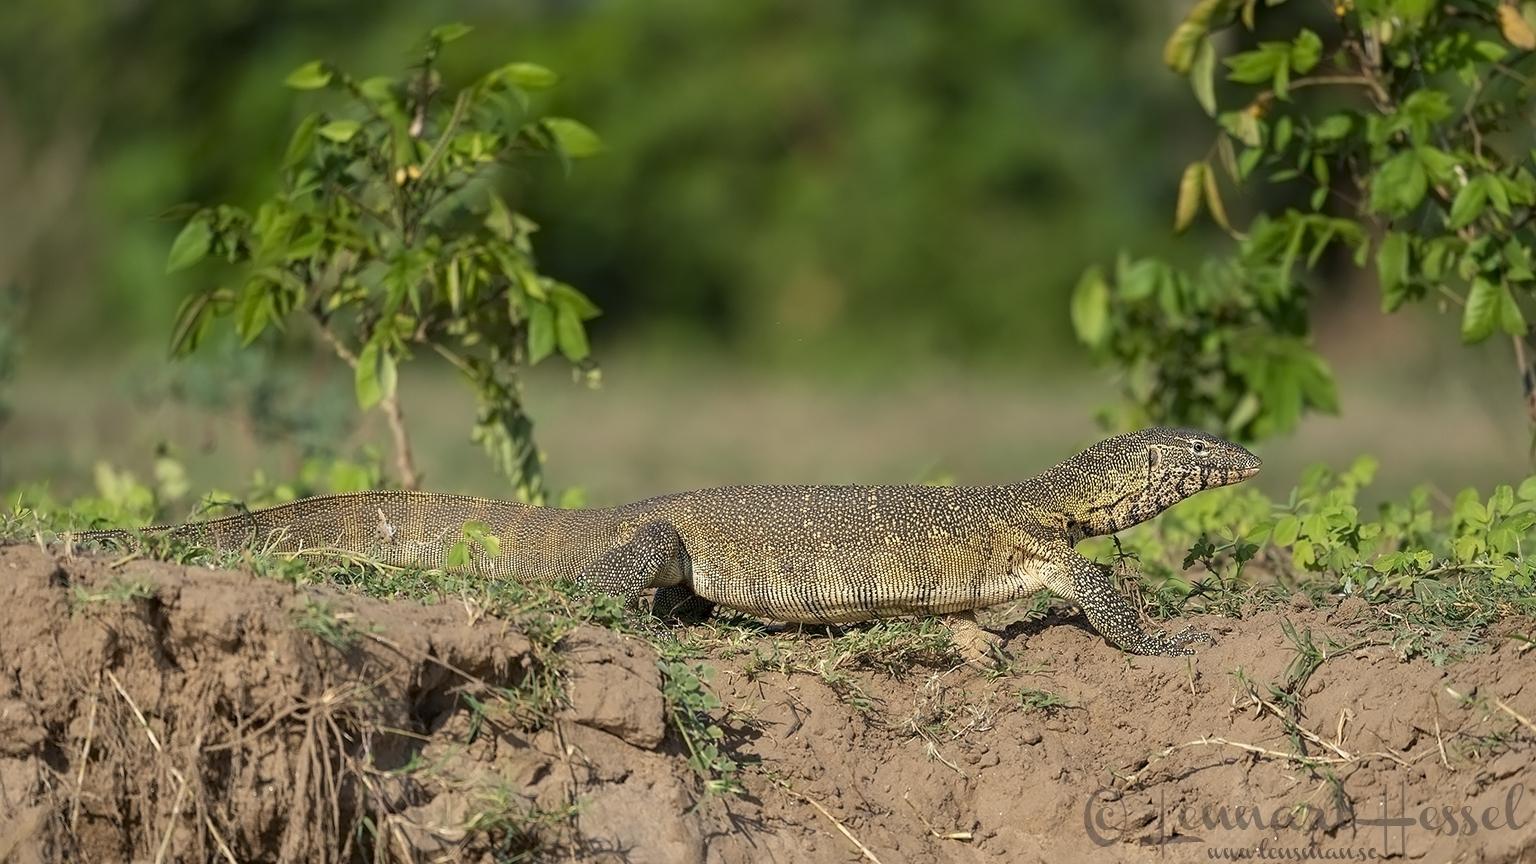 Nile Monitor Zambezi river Zambia Zimbabwe